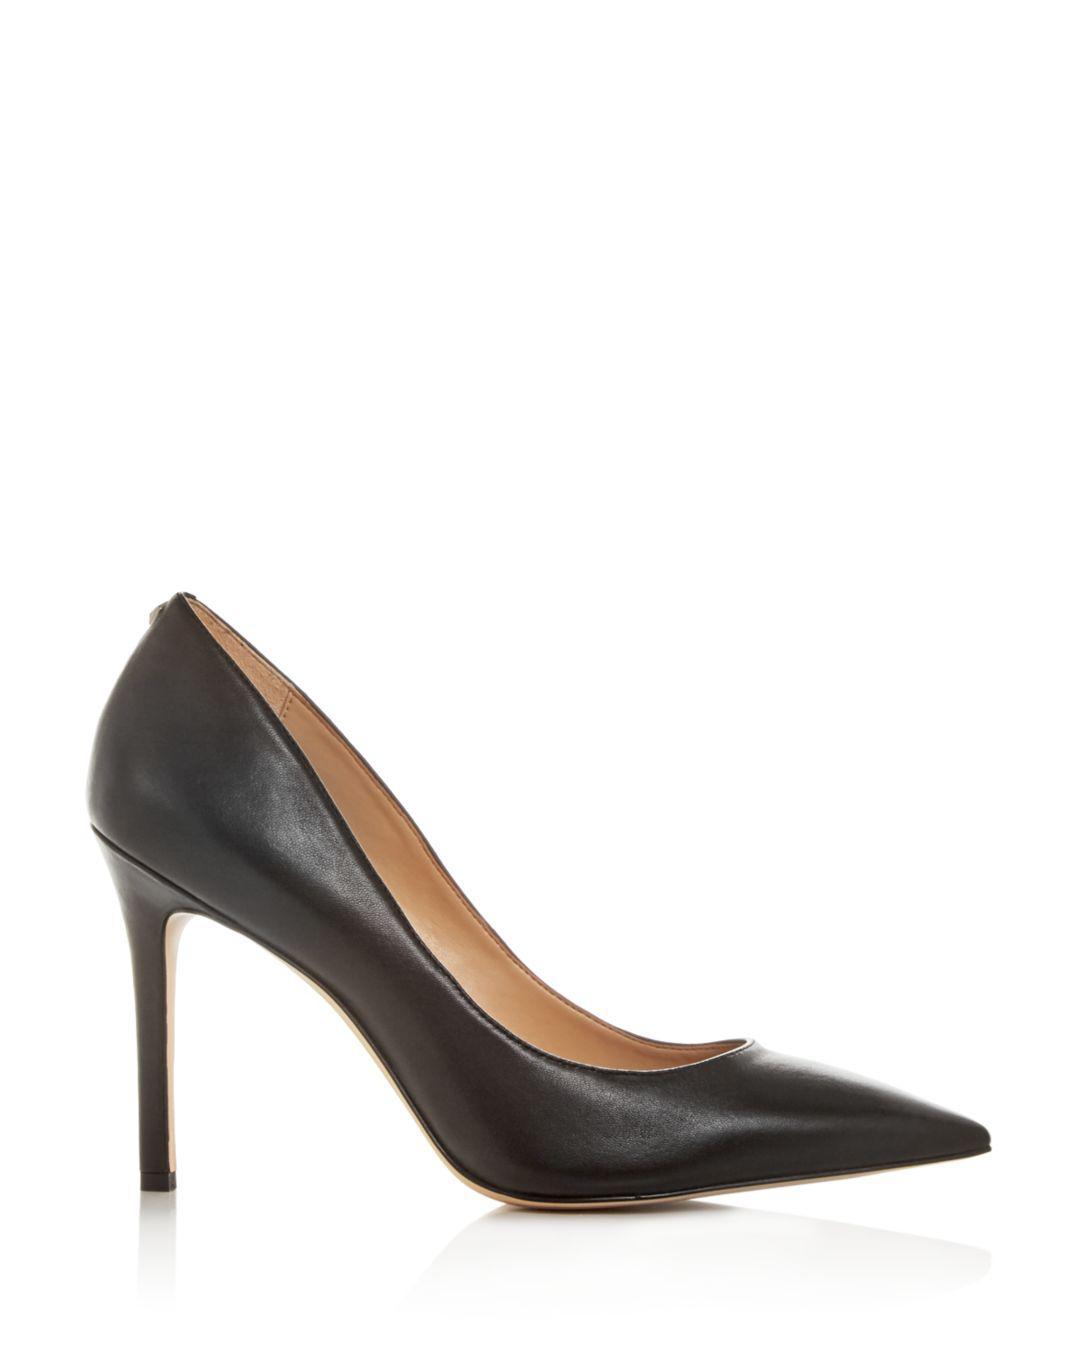 50d3e65a5fc2cd Lyst - Sam Edelman Women s Hazel Pointed Toe High-heel Pumps in Black